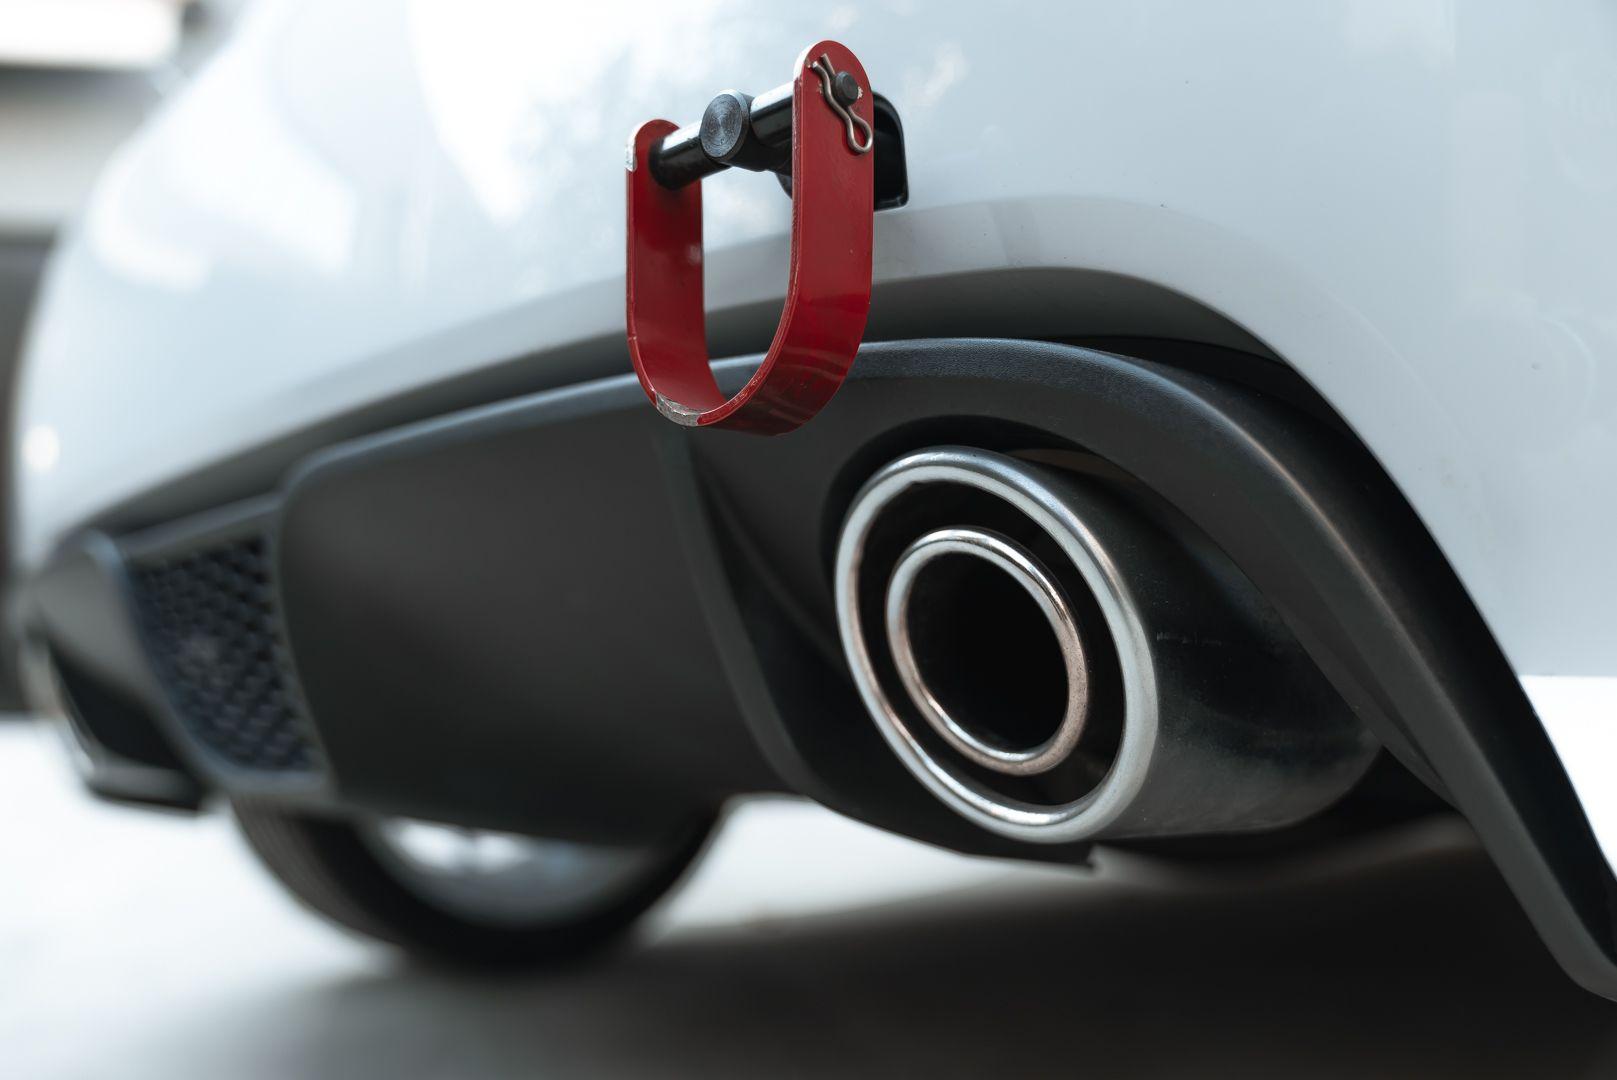 2008 Fiat 500 Abarth Assetto Corse 49/49 79328